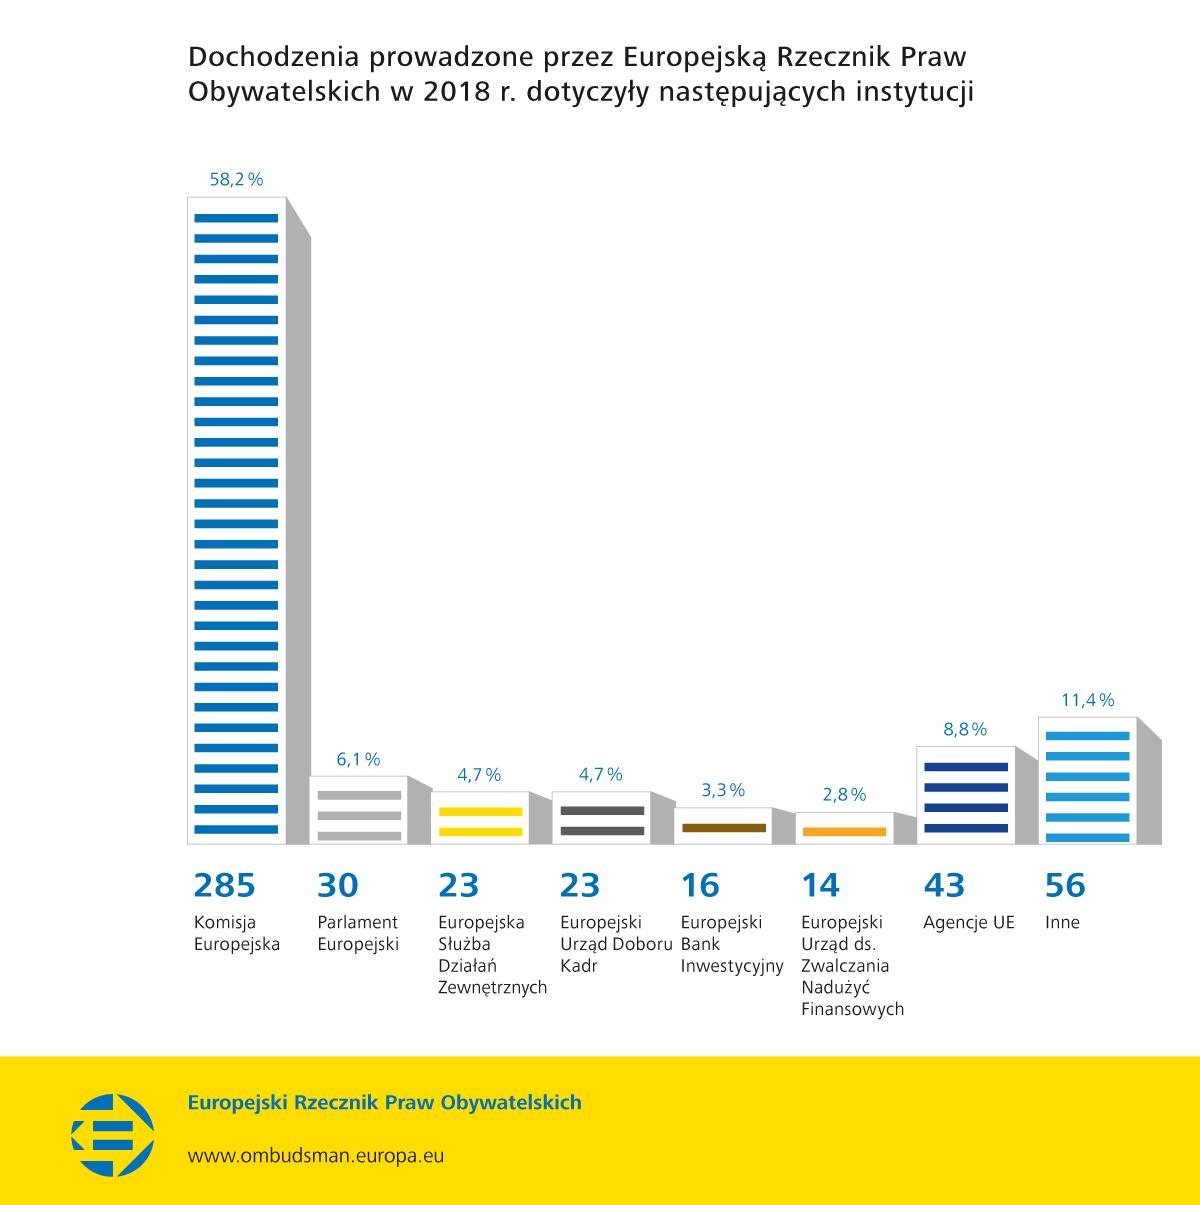 Dochodzenia prowadzone przez Europejską Rzecznik Praw Obywatelskich w 2018 r. dotyczyły następujących instytucji